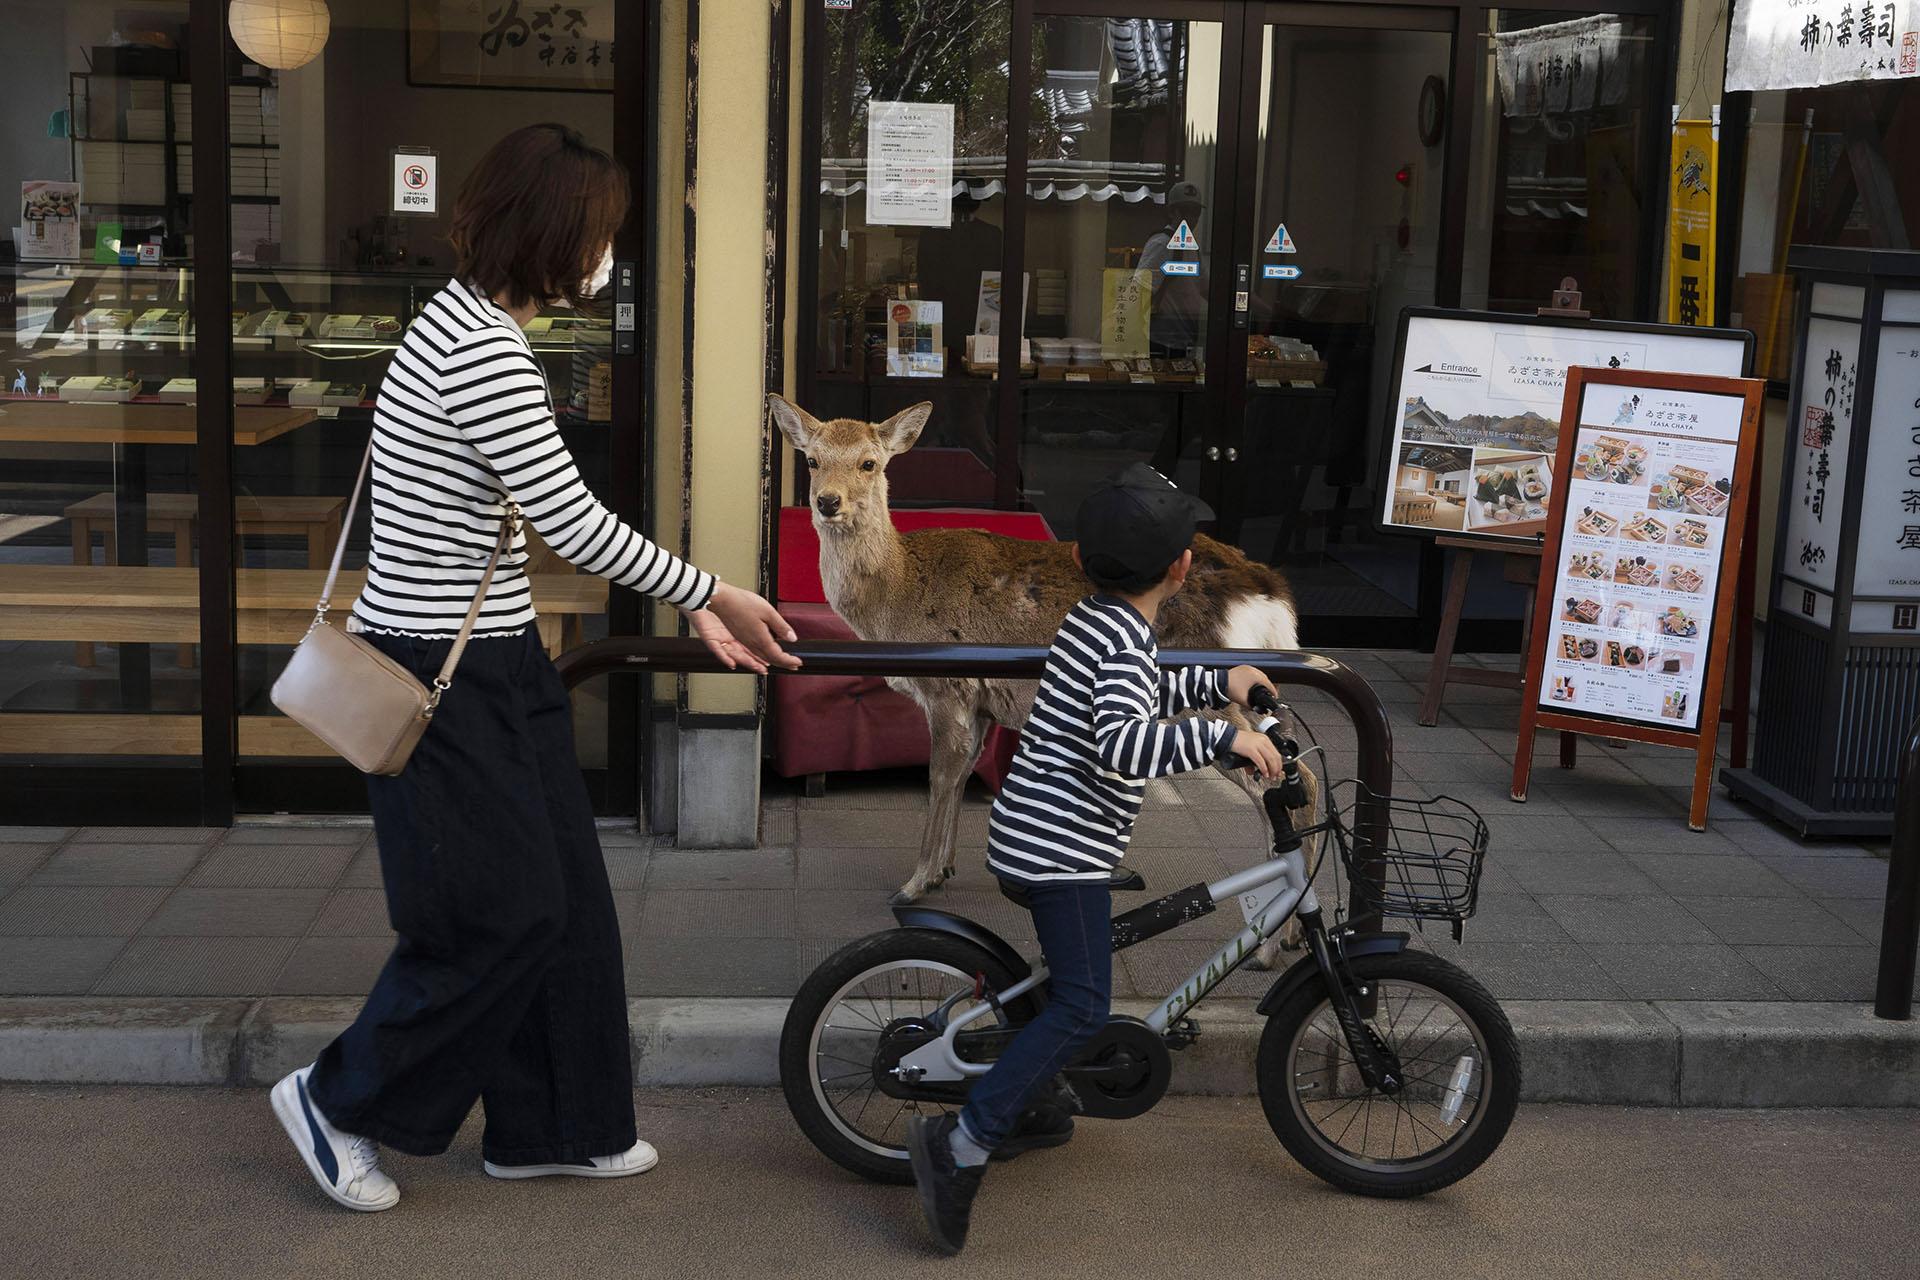 Un niño monta su bicicleta frente a un ciervo que deambula por la zona comercial de Nara, Japón (AP Photo / Jae C. Hong)